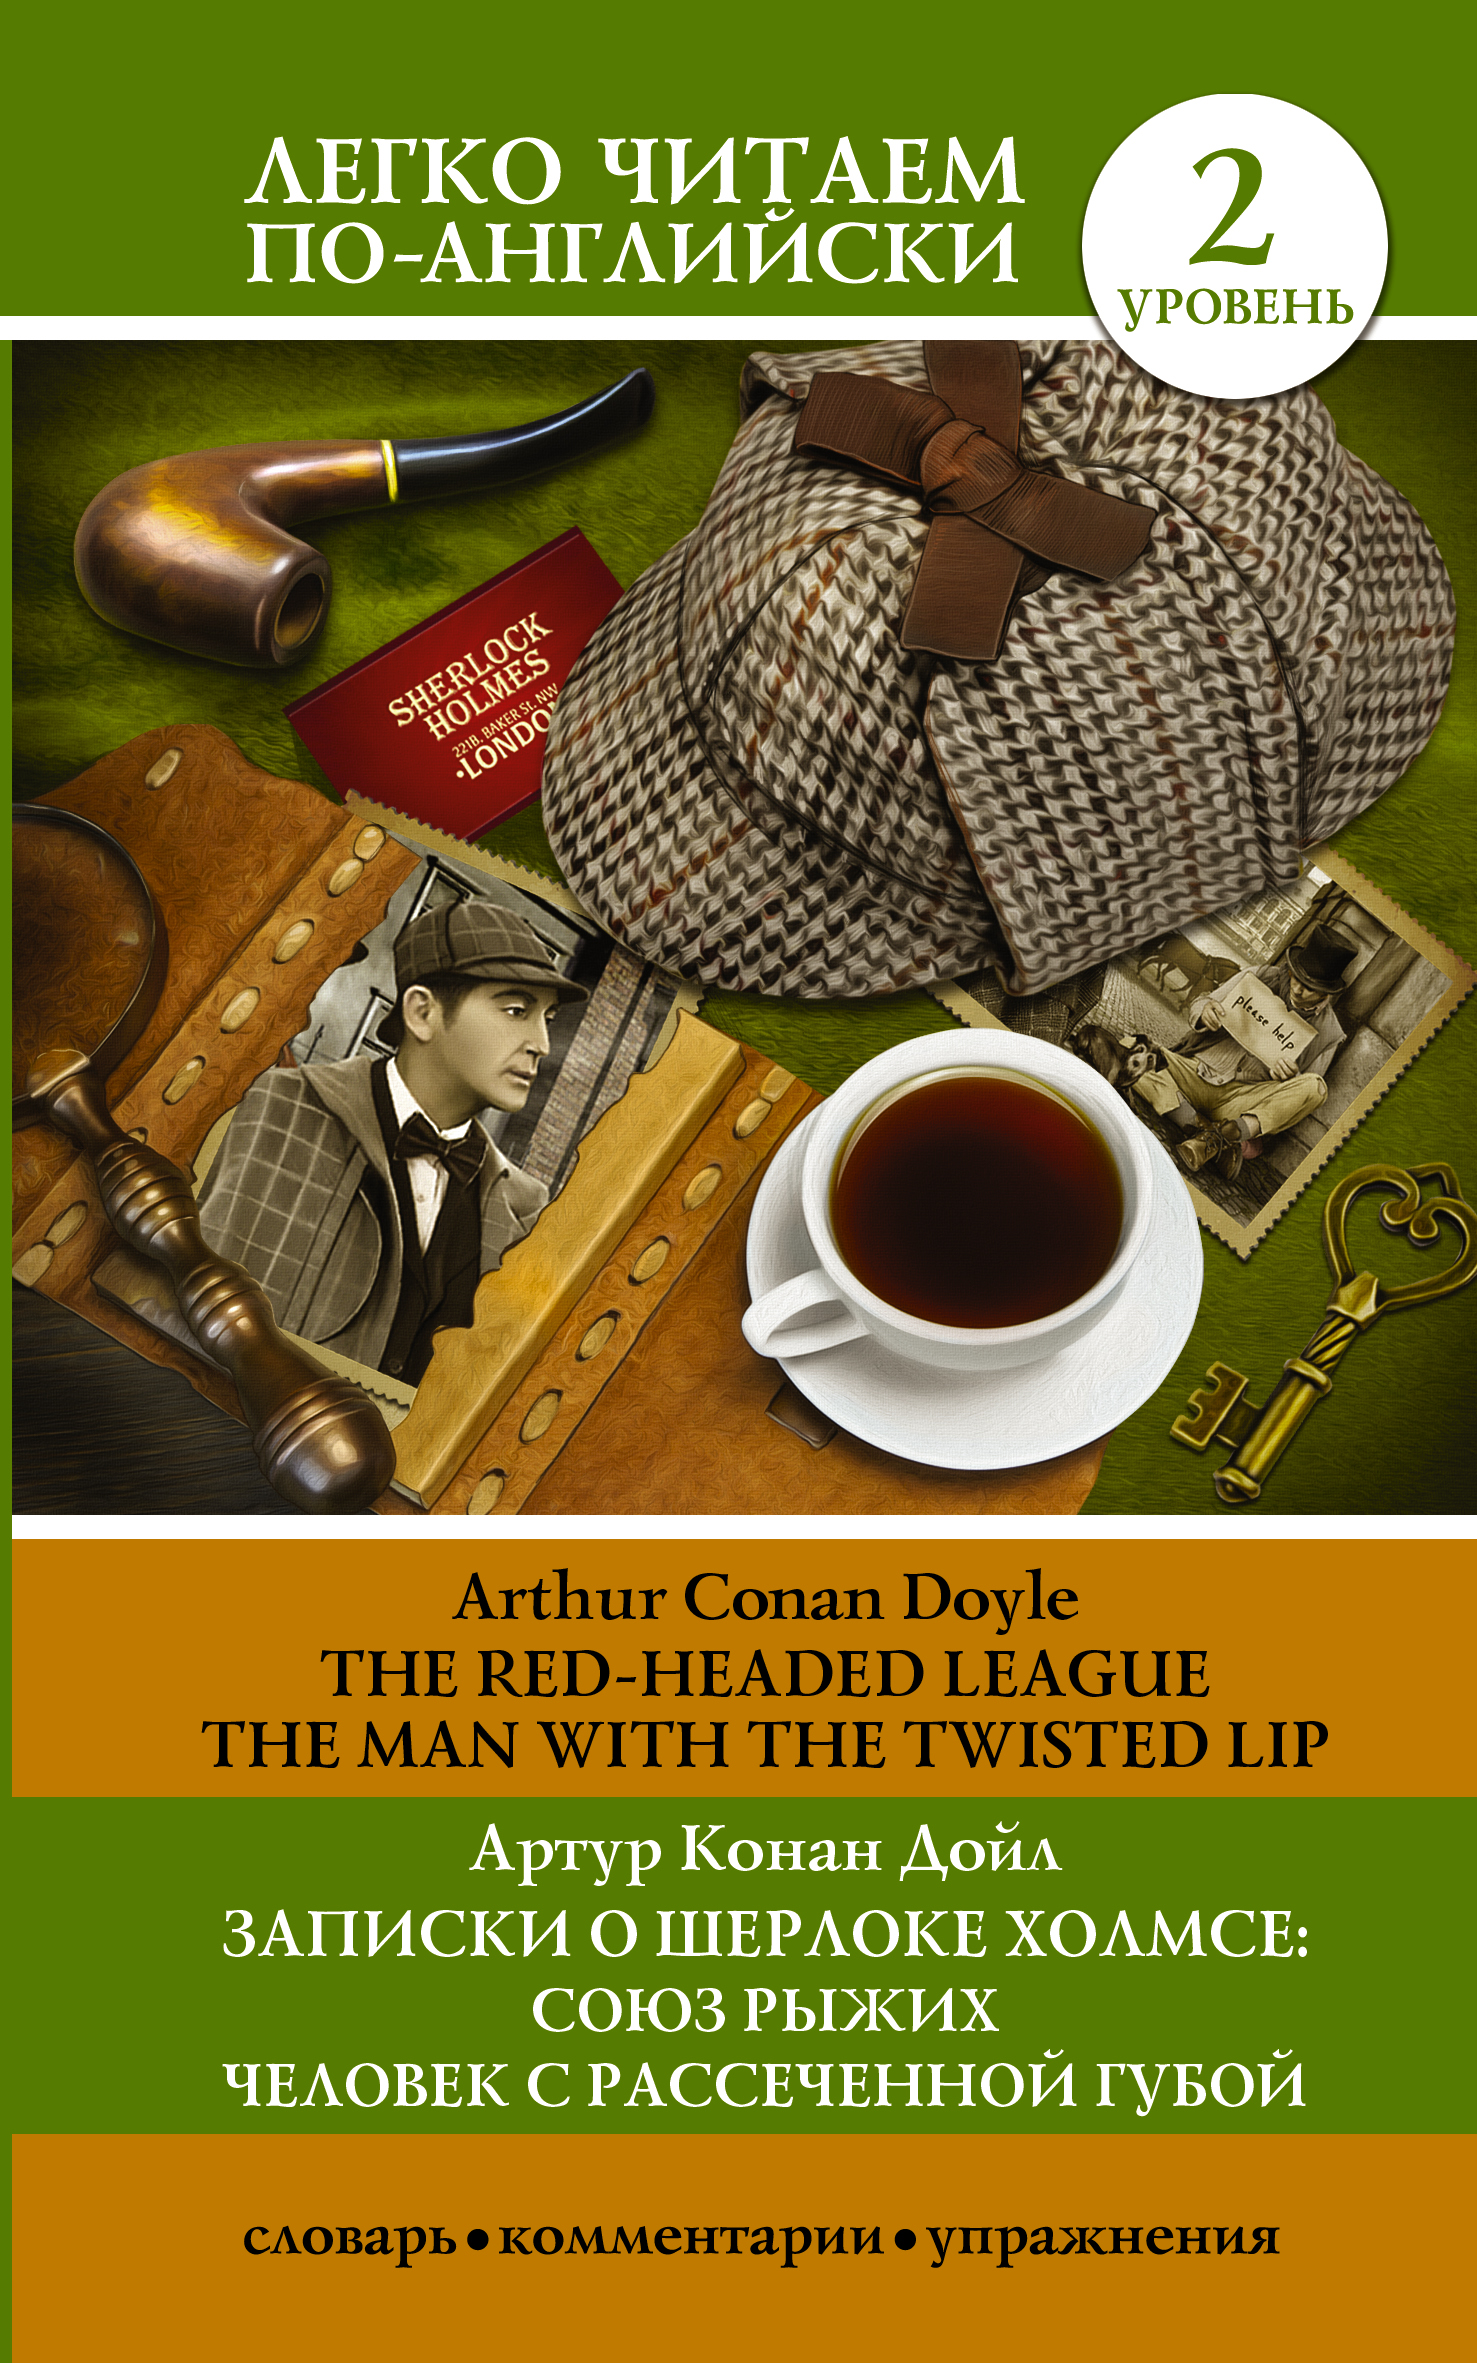 Артур Конан Дойл Записки о Шерлоке Холмсе: Союз рыжих, Человек с рассеченной губой. Уровень 2